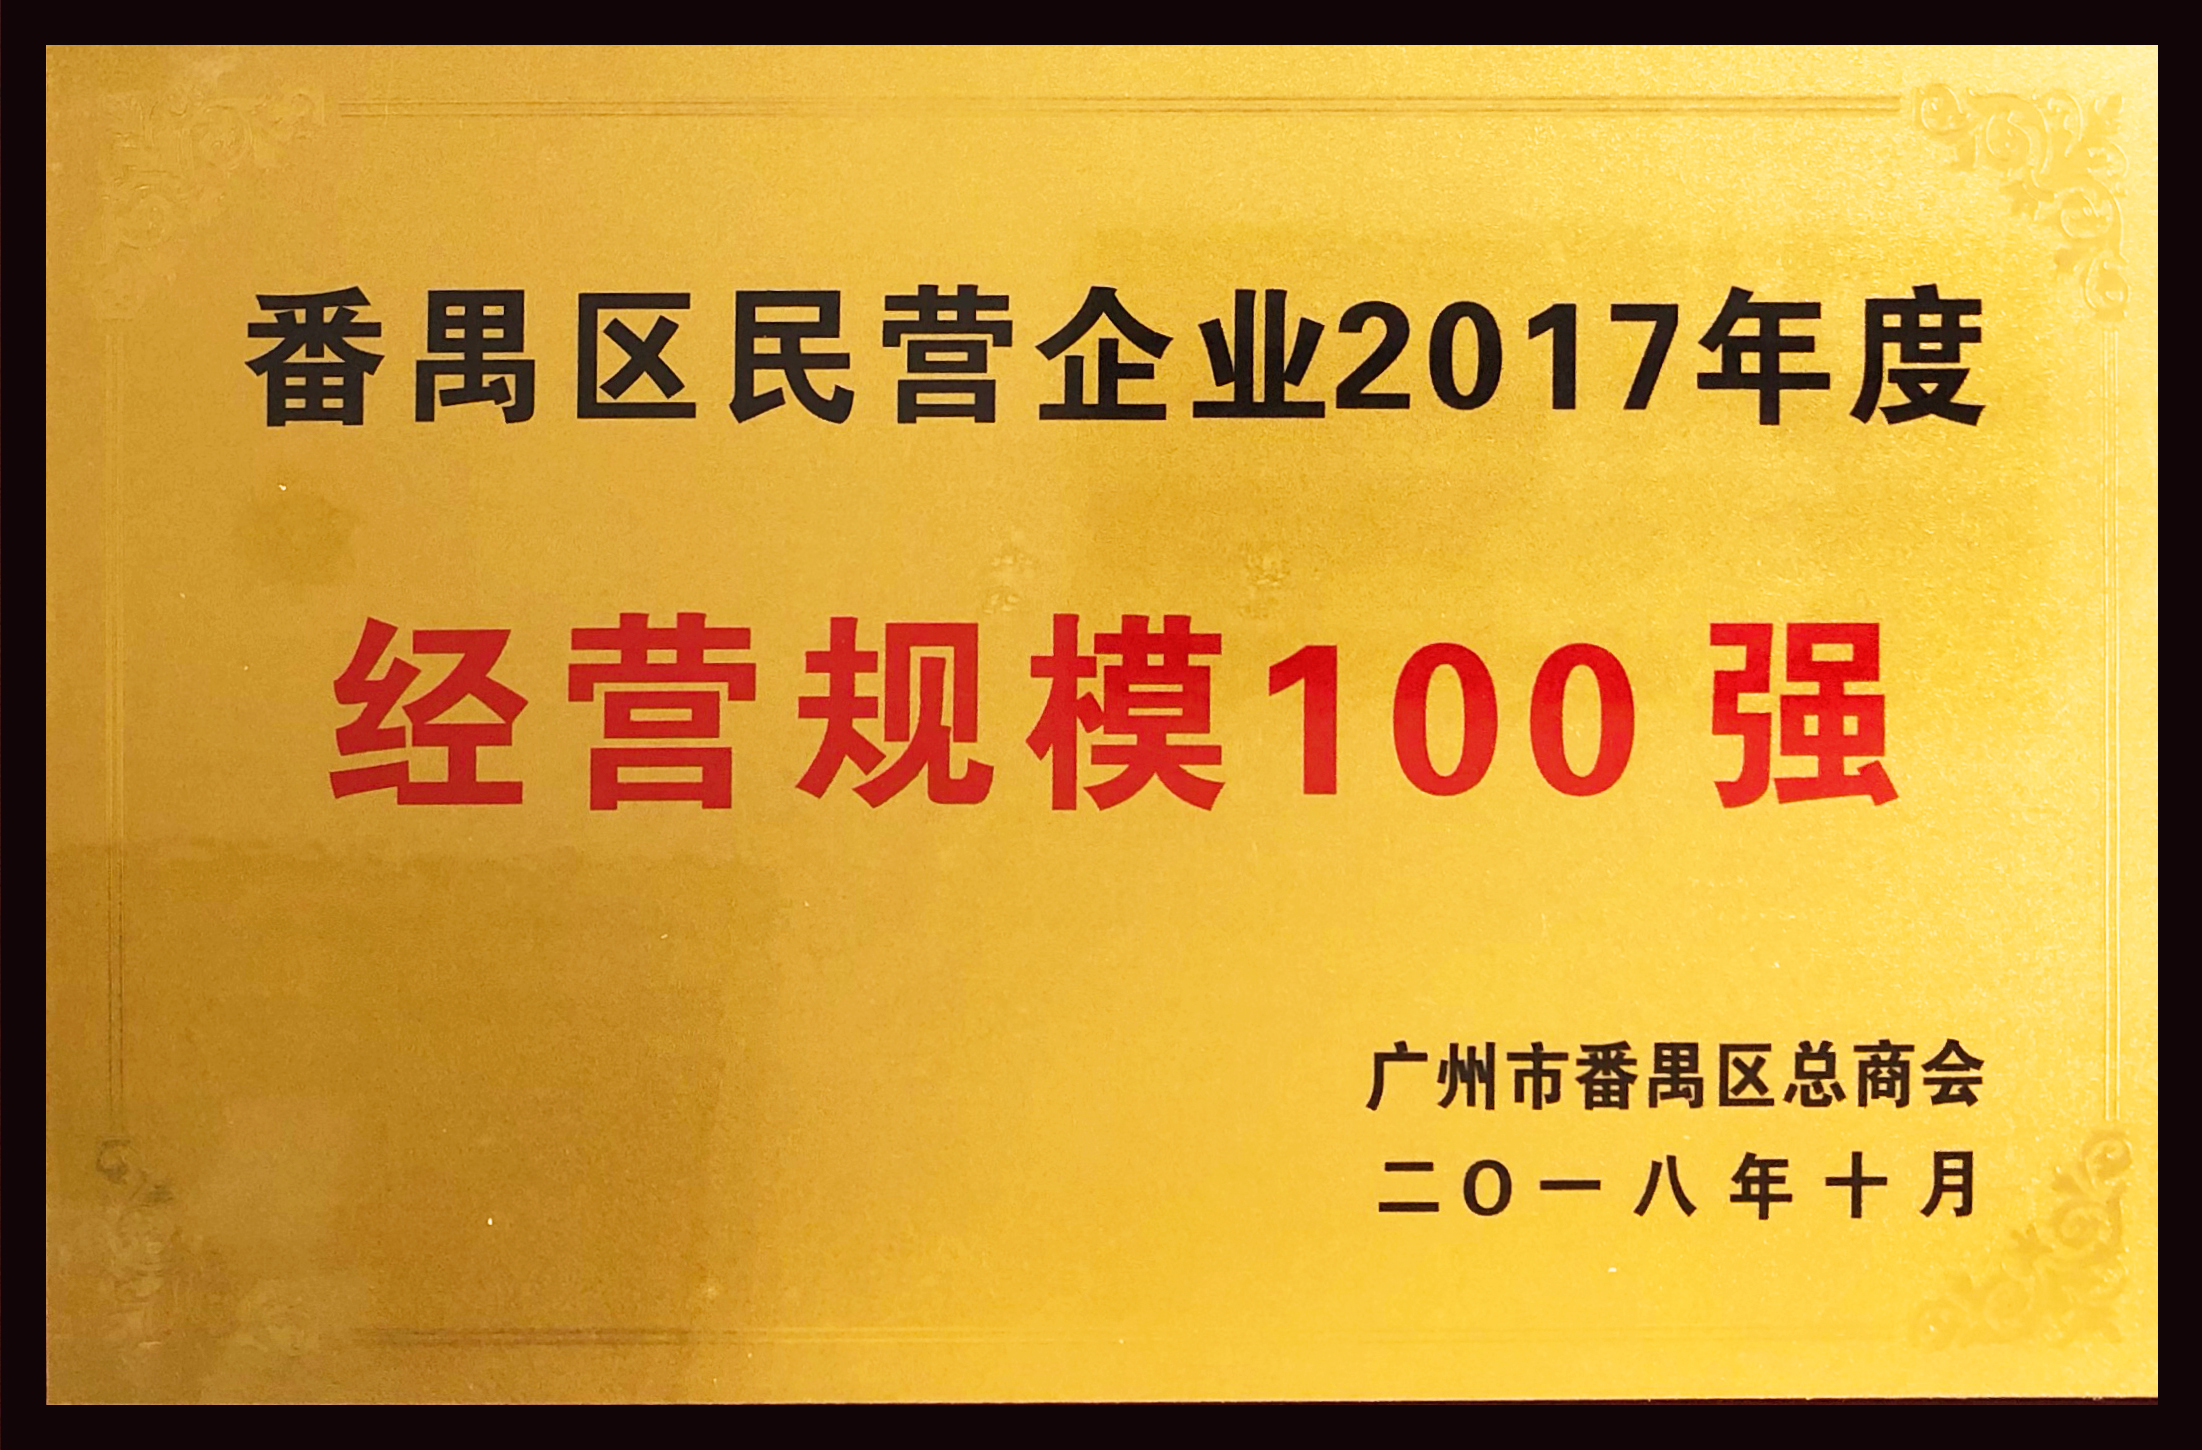 番禺區民營企業2017年度經營規模100強